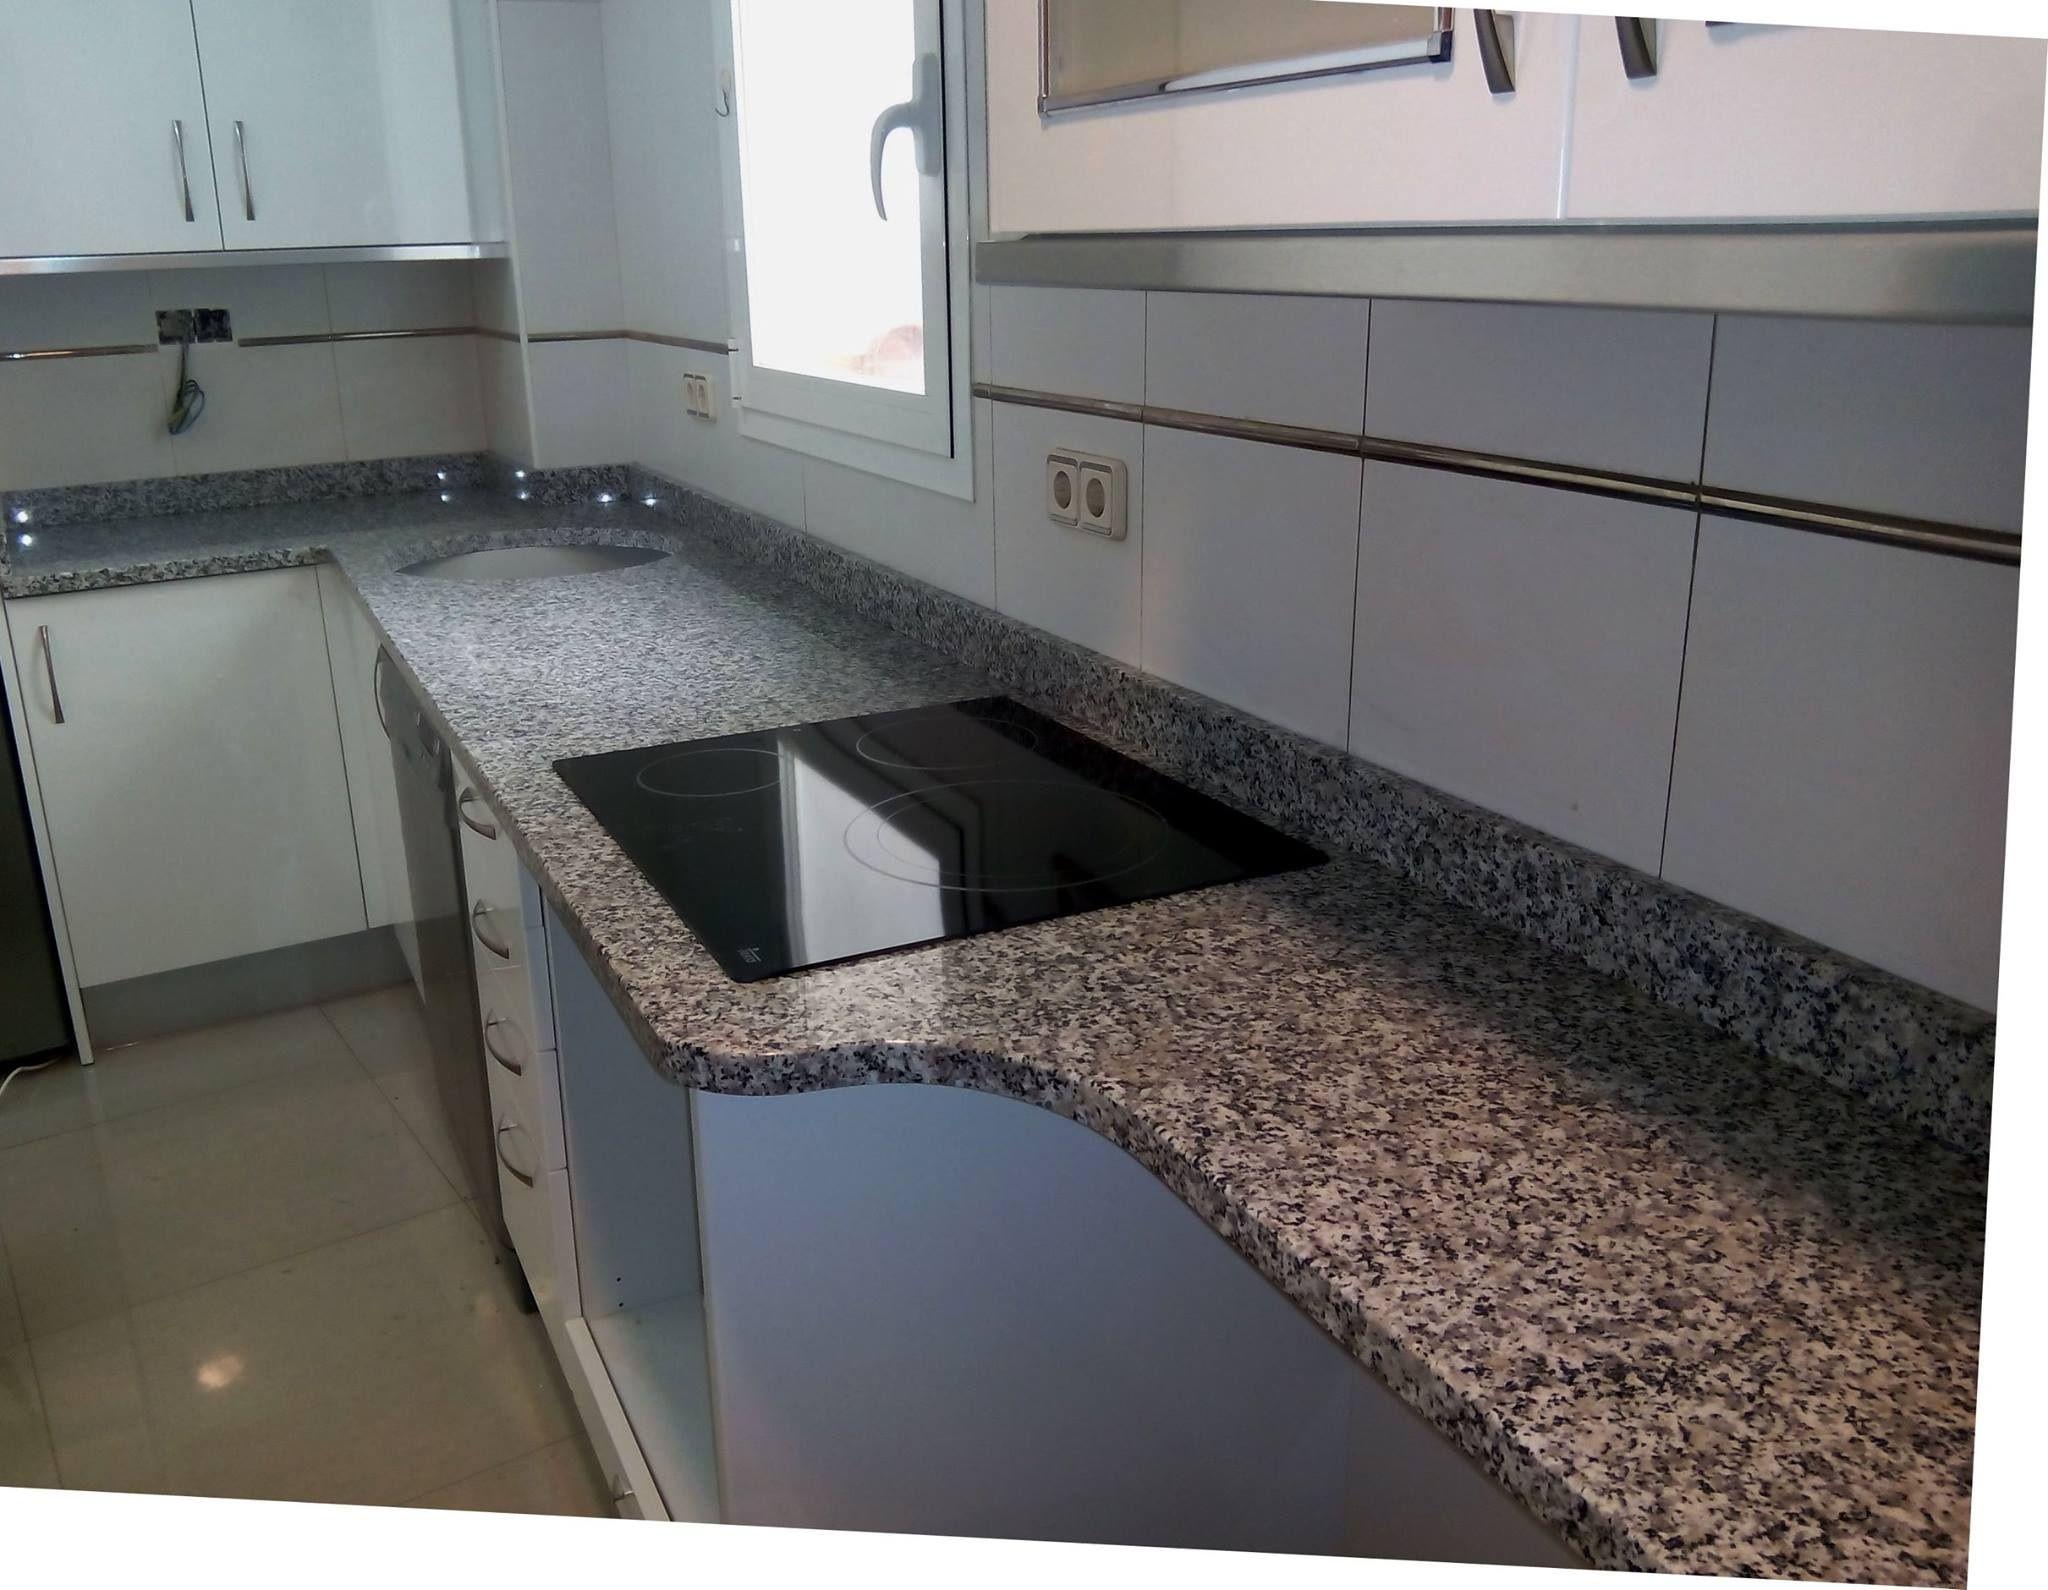 Encimera de granito blanco cristal colocada por exmarlo for Encimera granito blanco cristal